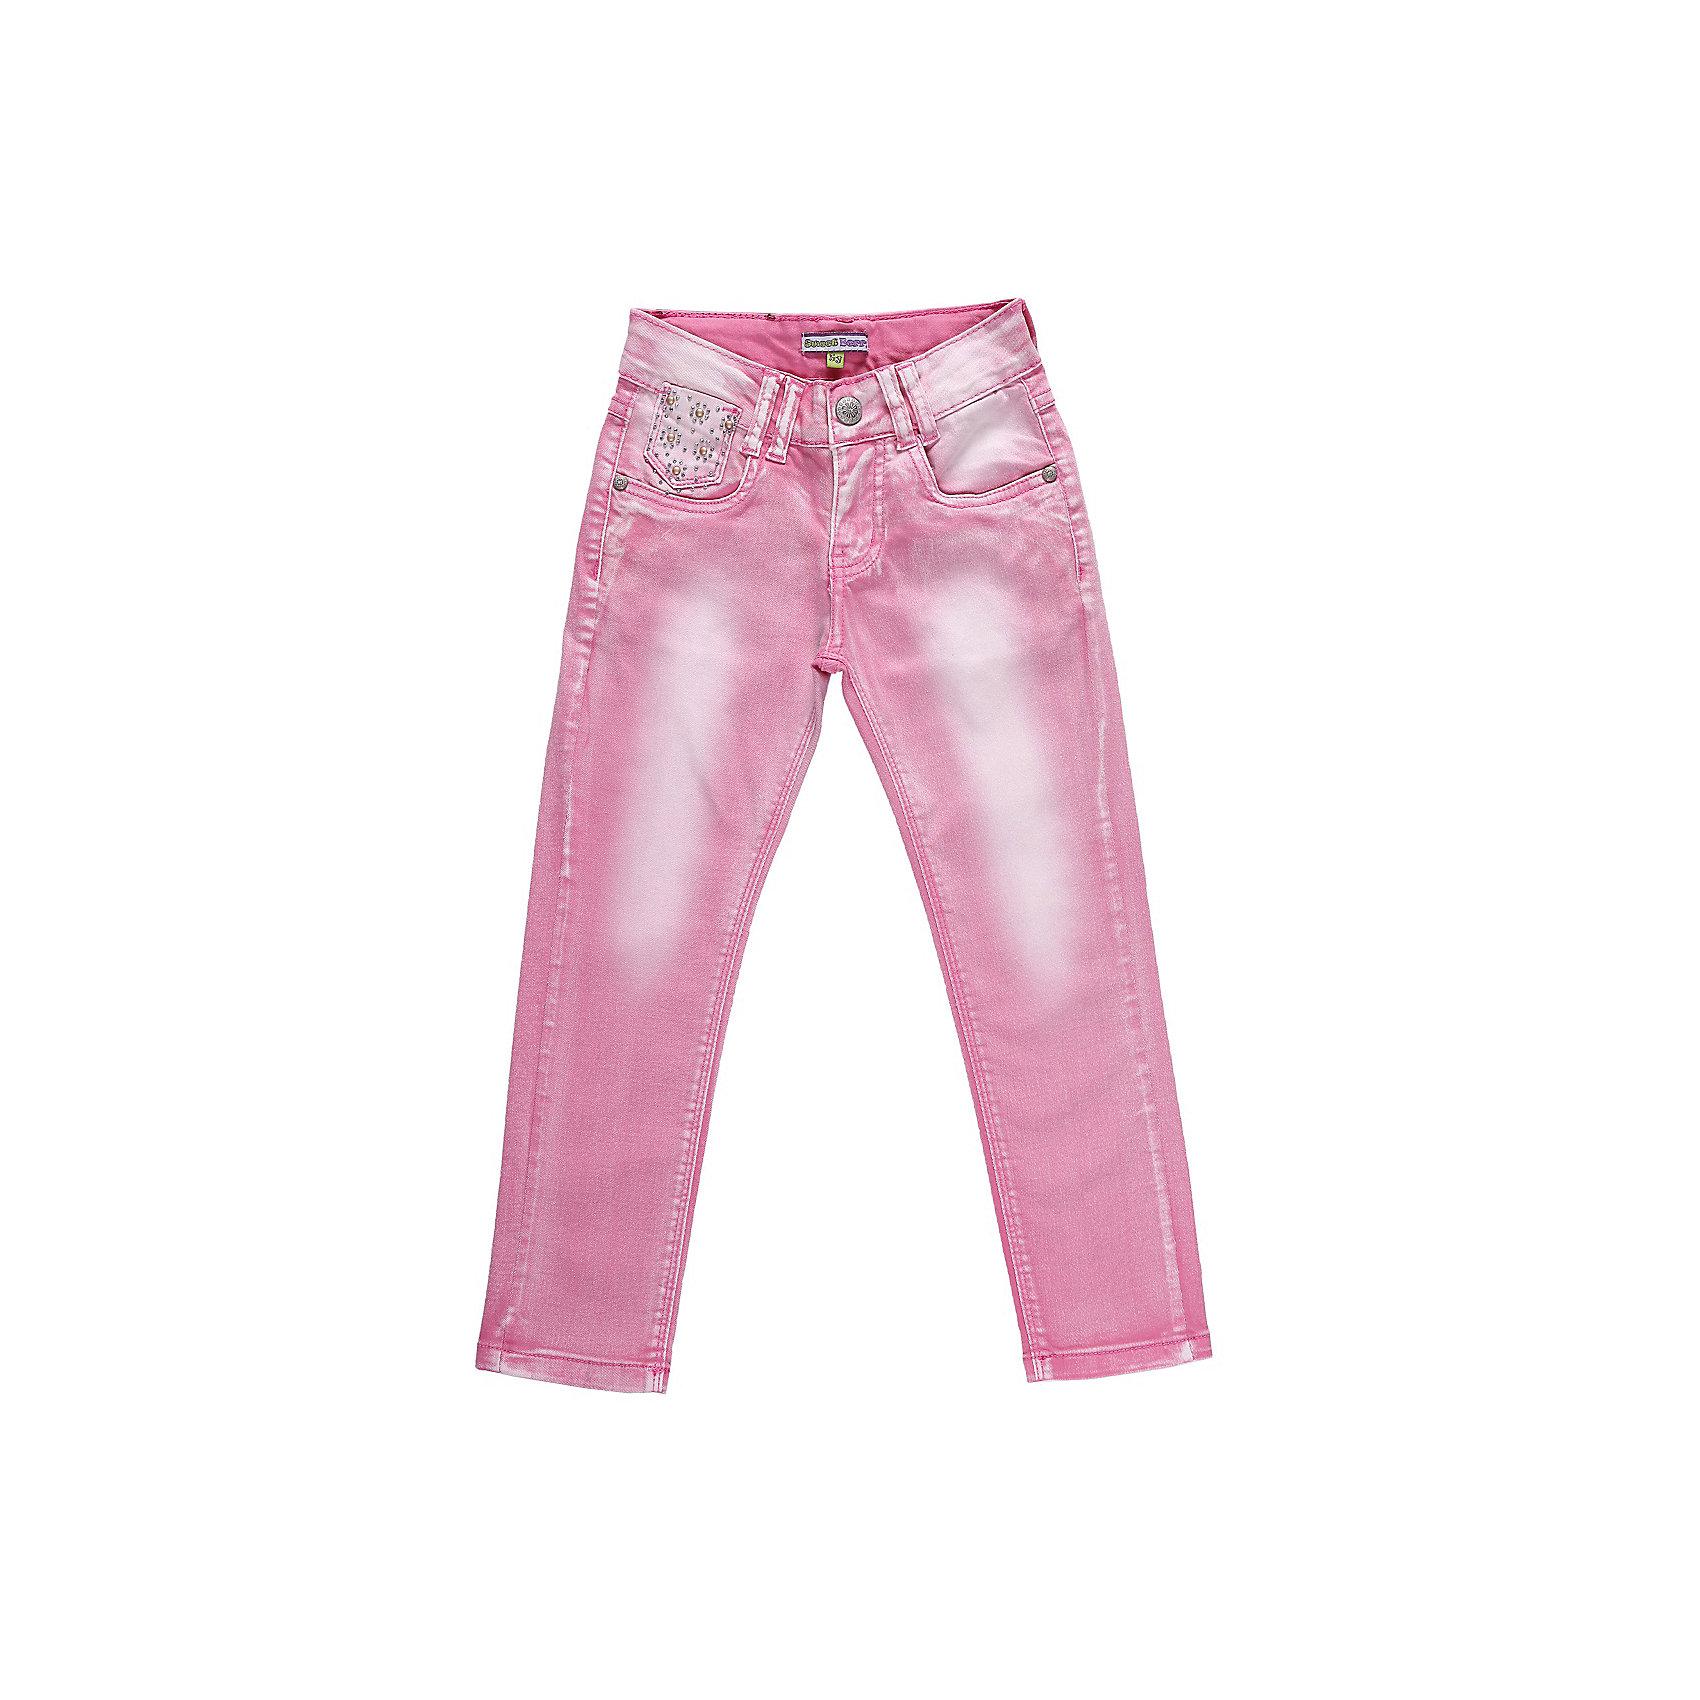 Джинсы для девочки Sweet BerryДжинсовая одежда<br>Розовые джинсы для девочки с регулировкой внутри по поясу<br>Состав:<br>98% хлопок, 2% эластан<br><br>Ширина мм: 215<br>Глубина мм: 88<br>Высота мм: 191<br>Вес г: 336<br>Цвет: розовый<br>Возраст от месяцев: 36<br>Возраст до месяцев: 48<br>Пол: Женский<br>Возраст: Детский<br>Размер: 104,128,98,122,116,110<br>SKU: 4521194